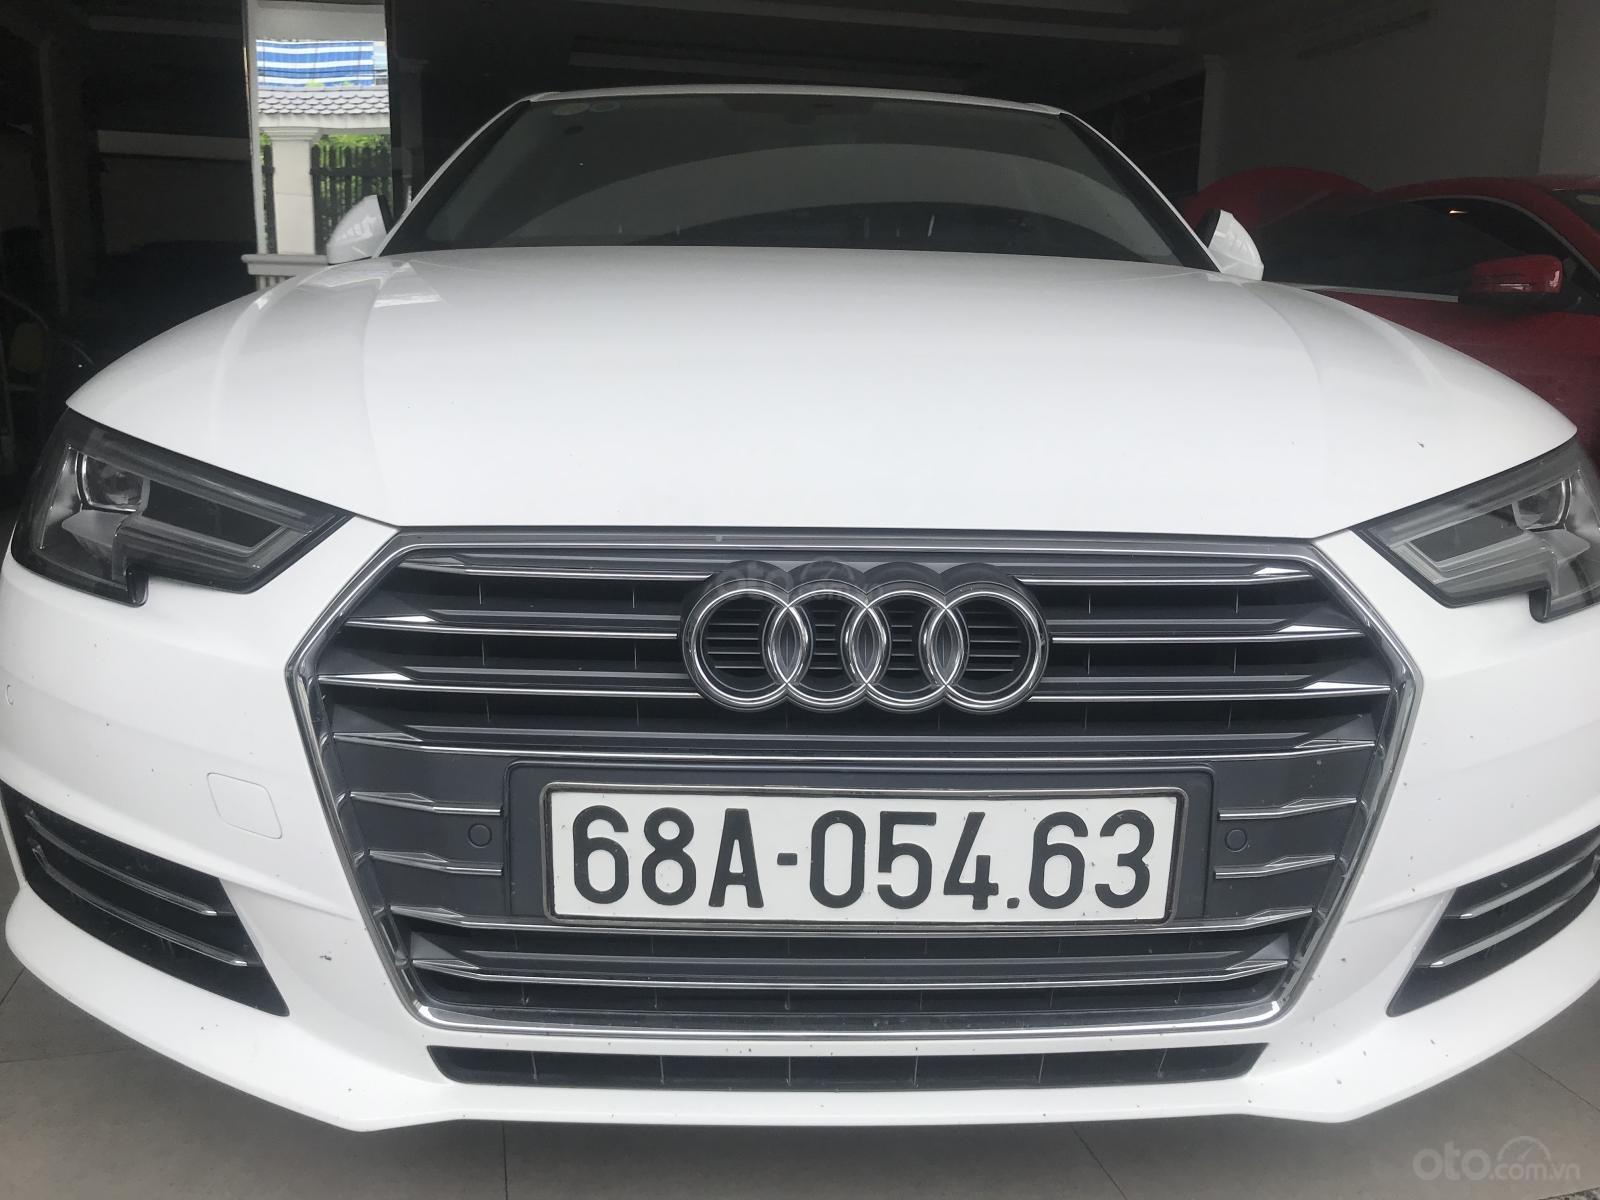 Bán Audi A4 2016 xe đi 25.000km, bảo hành chính hãng, mẫu mới nhất hiện nay, chất lượng xe bao kiểm tra hãng (1)